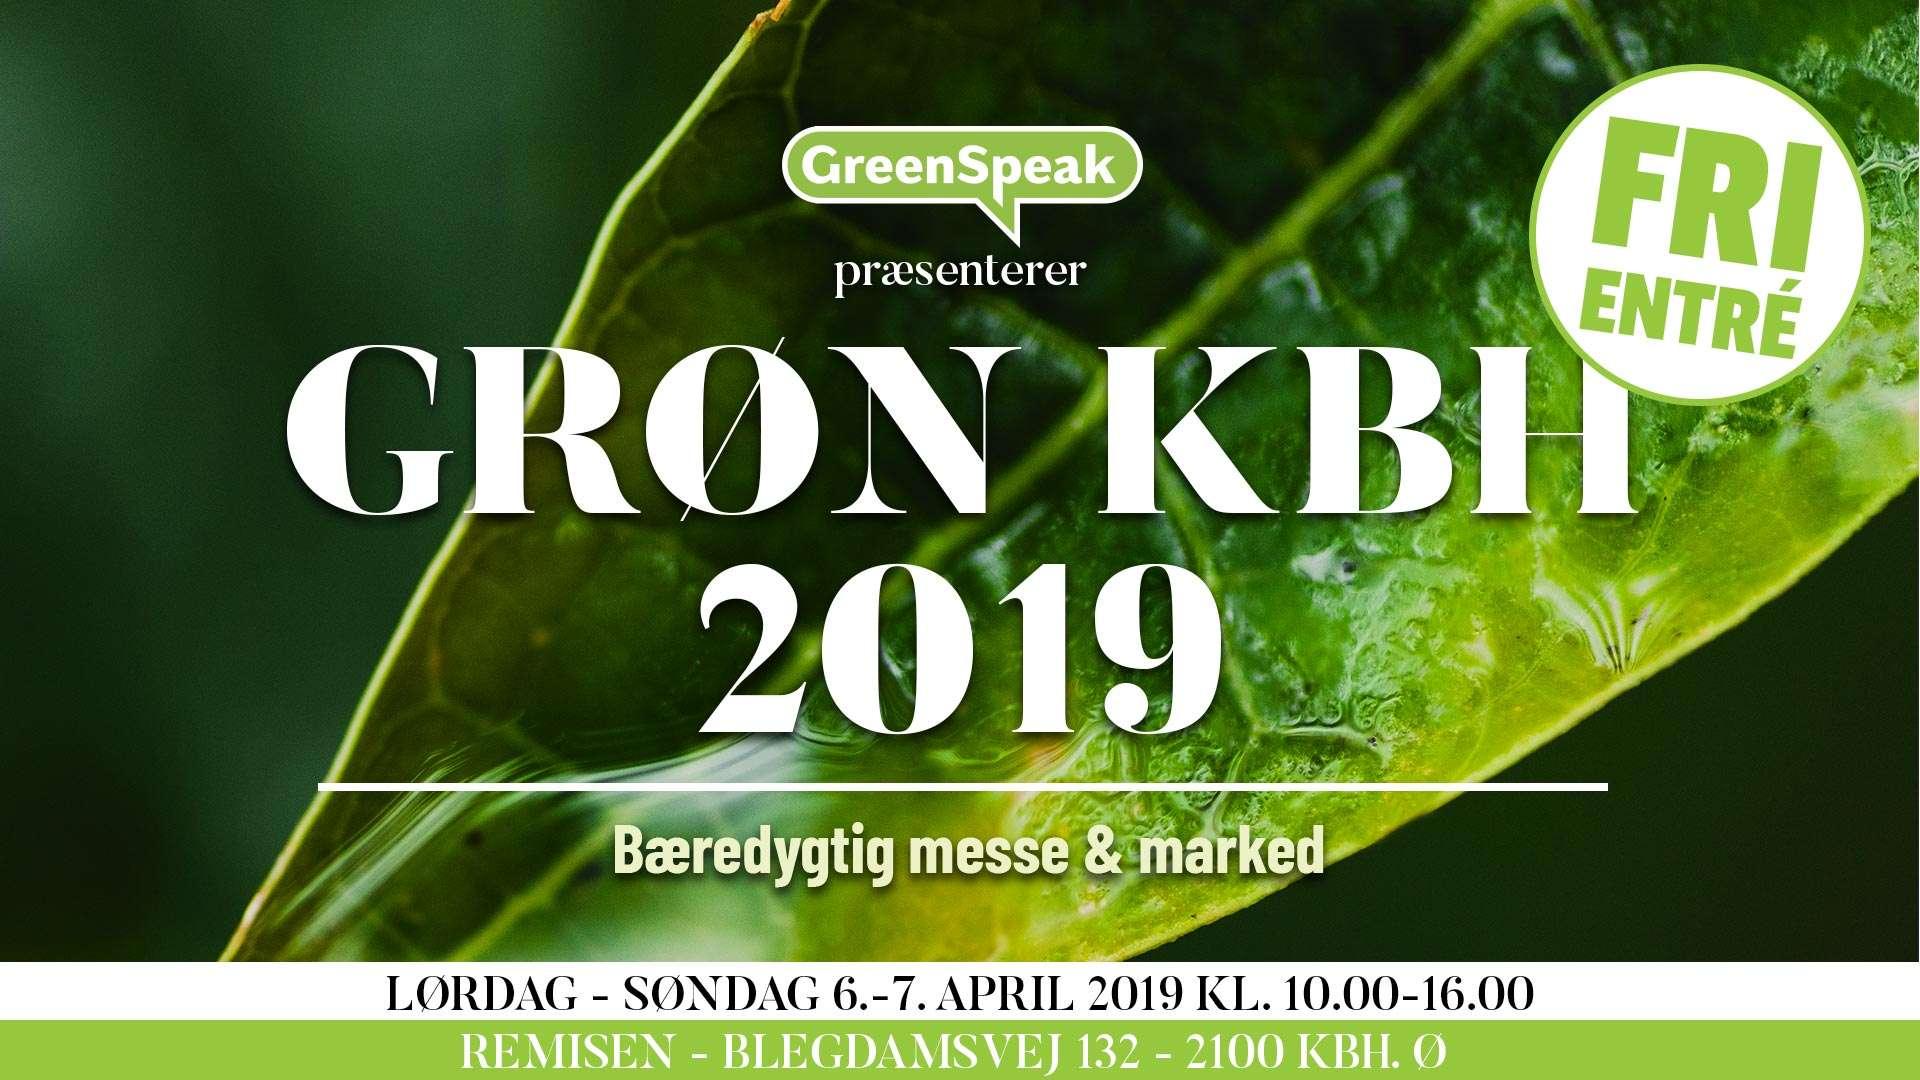 GRØN KBH 2019